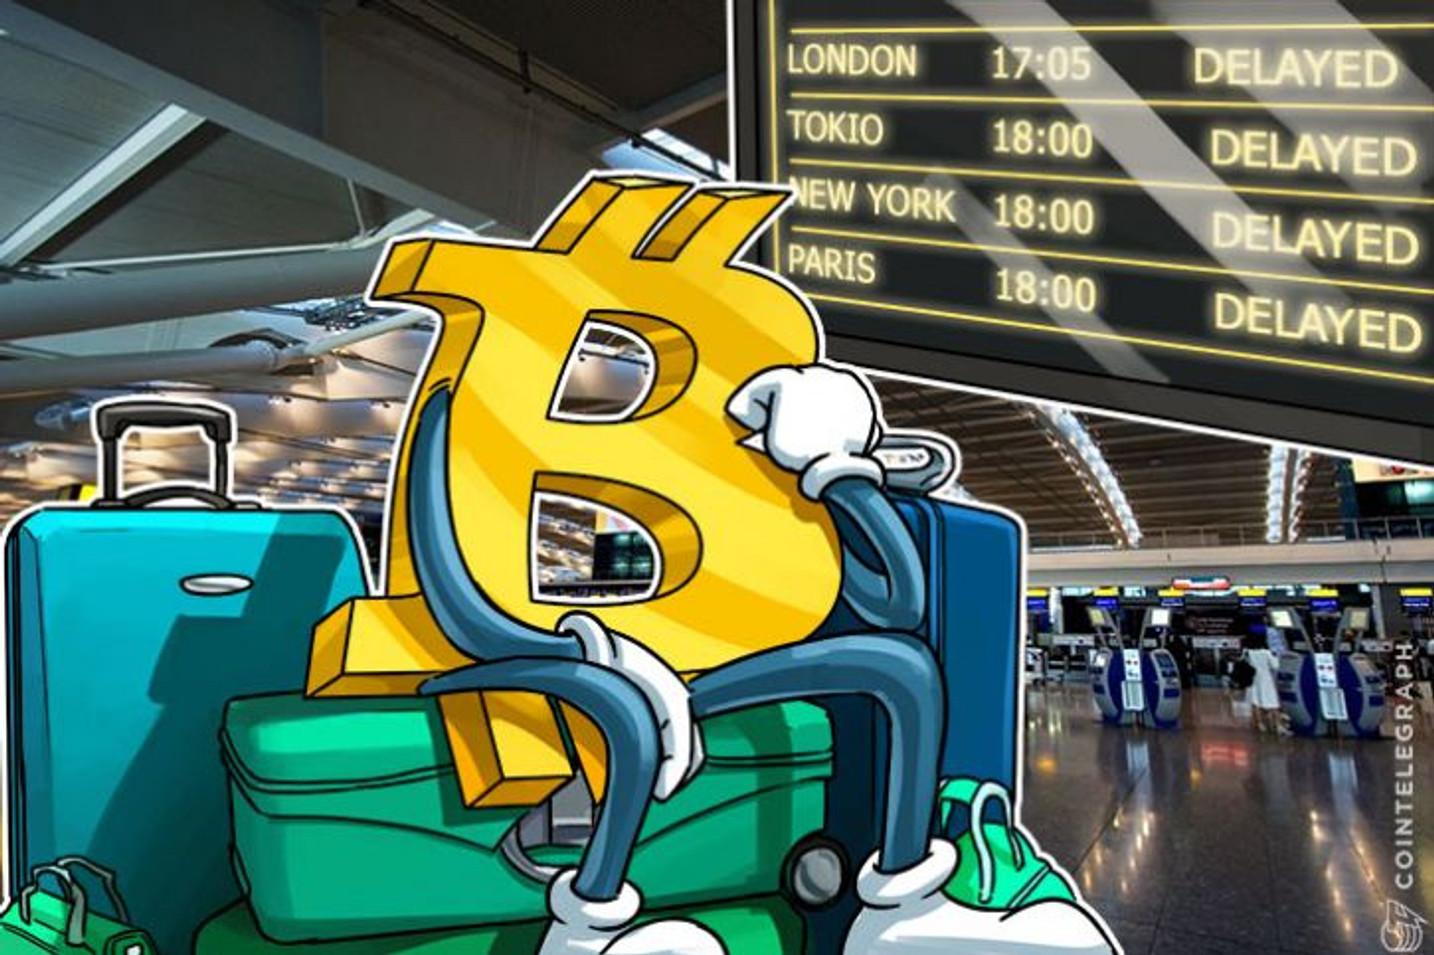 Bitkoin neće biti rasprostranjen zbog regulatorne neizvesnosti